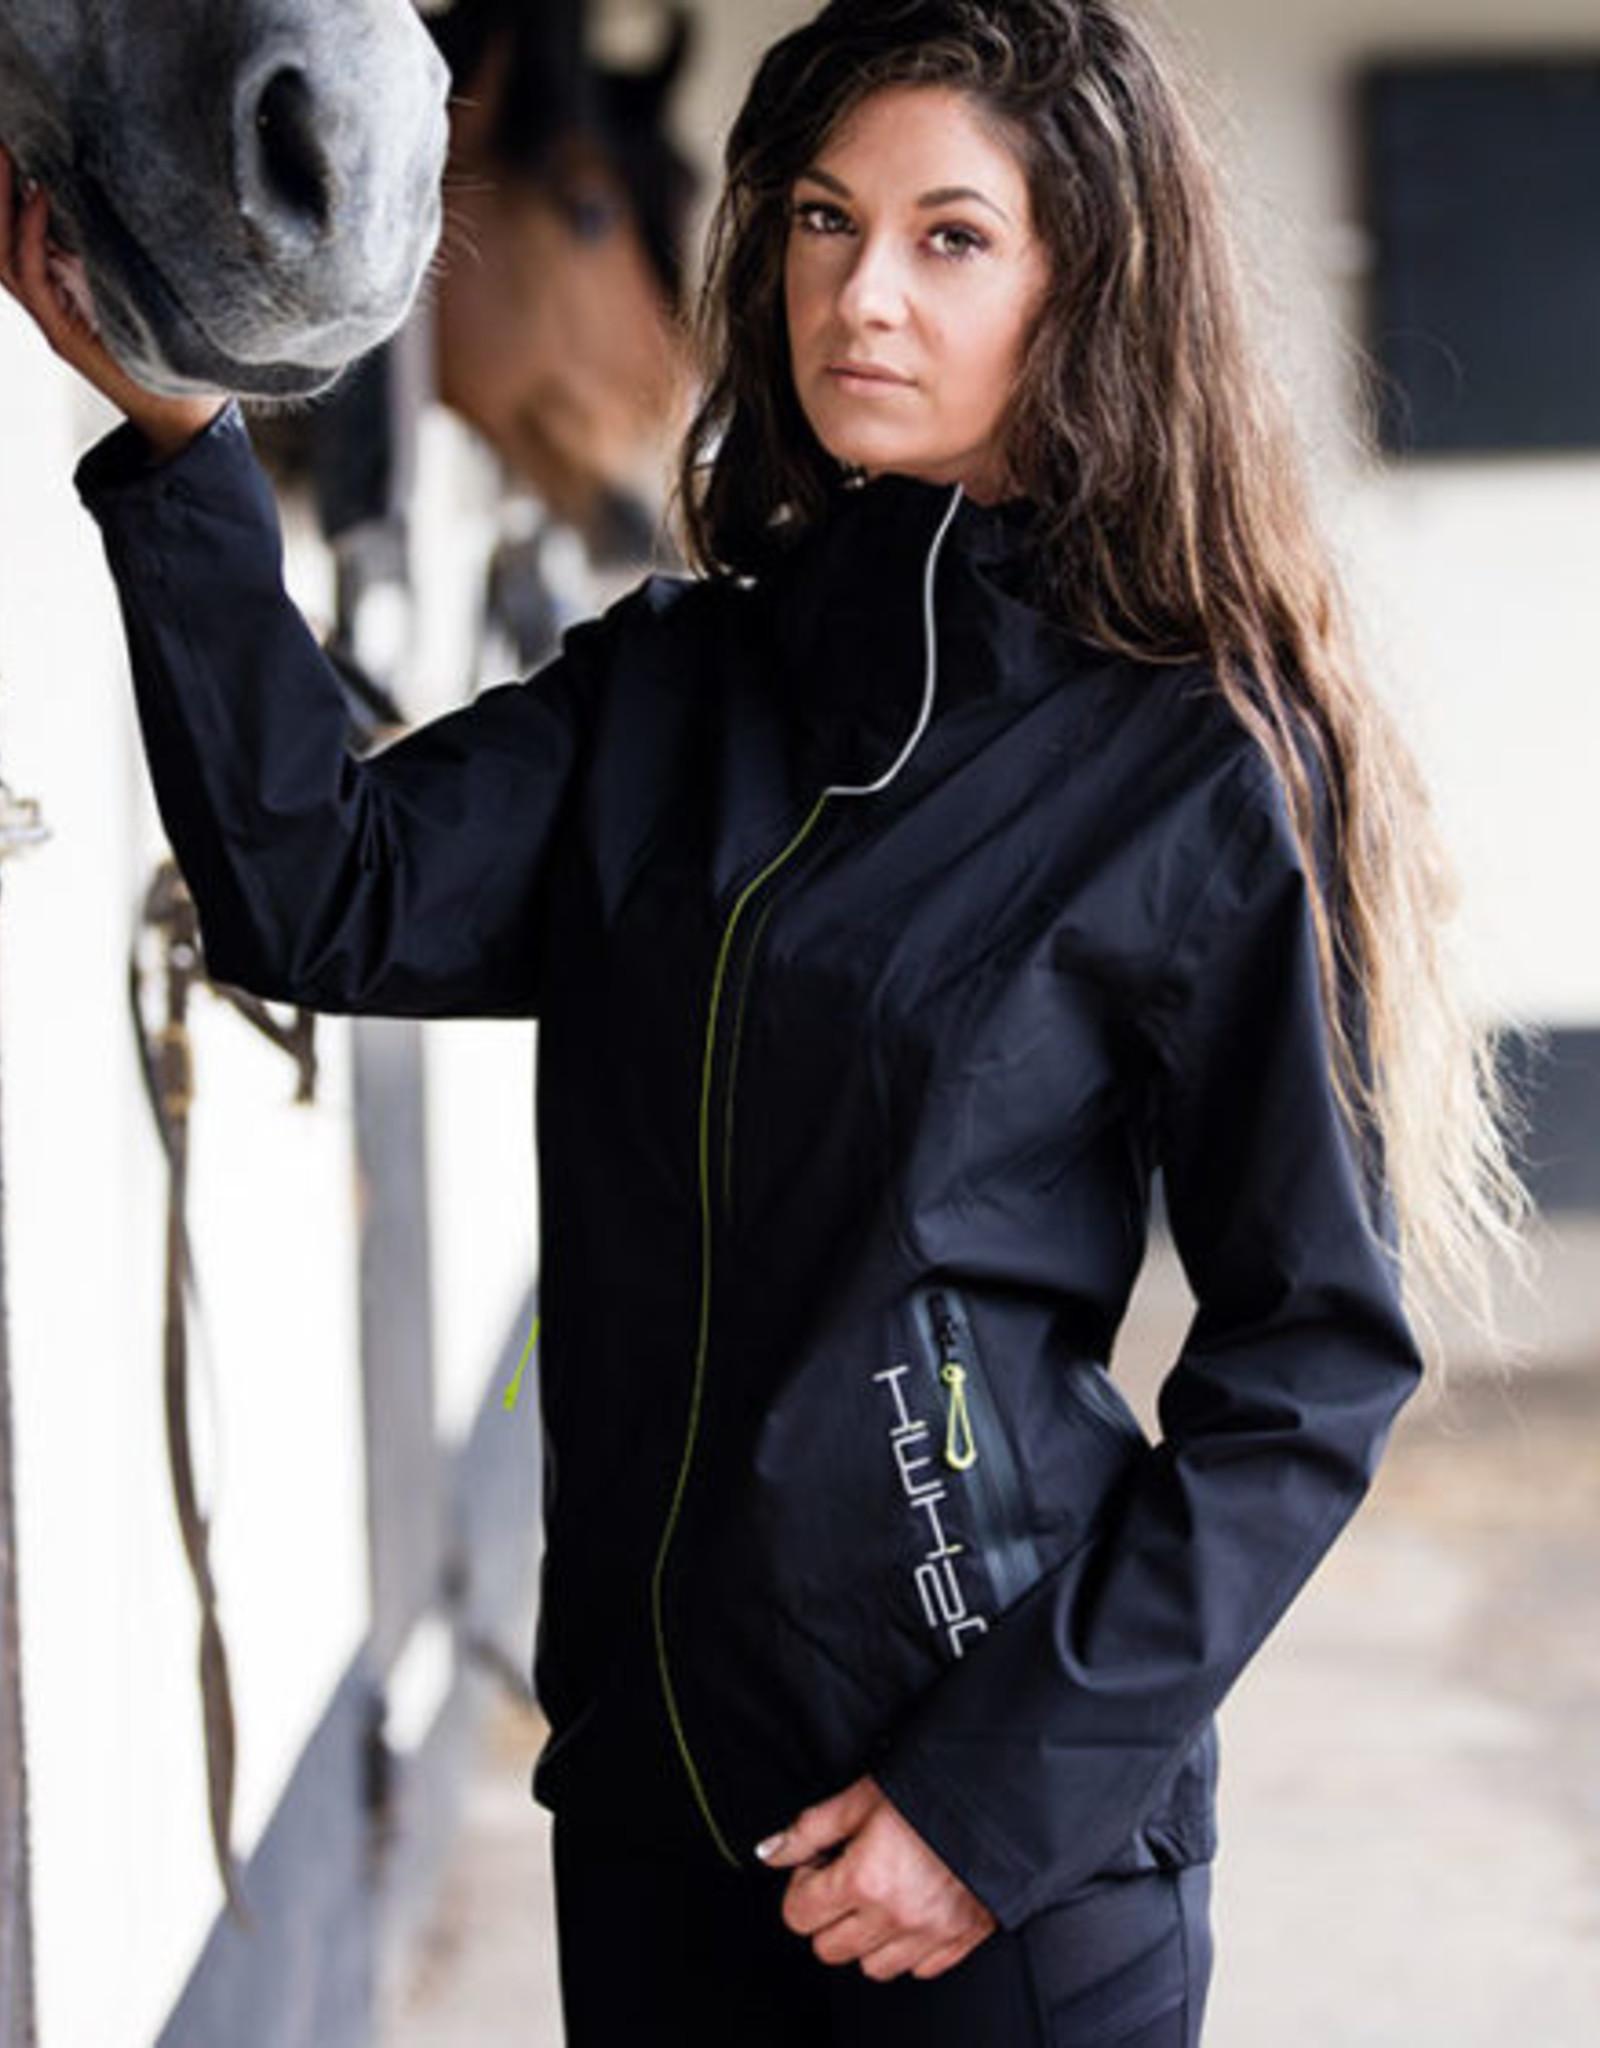 HORSEWARE IRELAND H2O JACKET